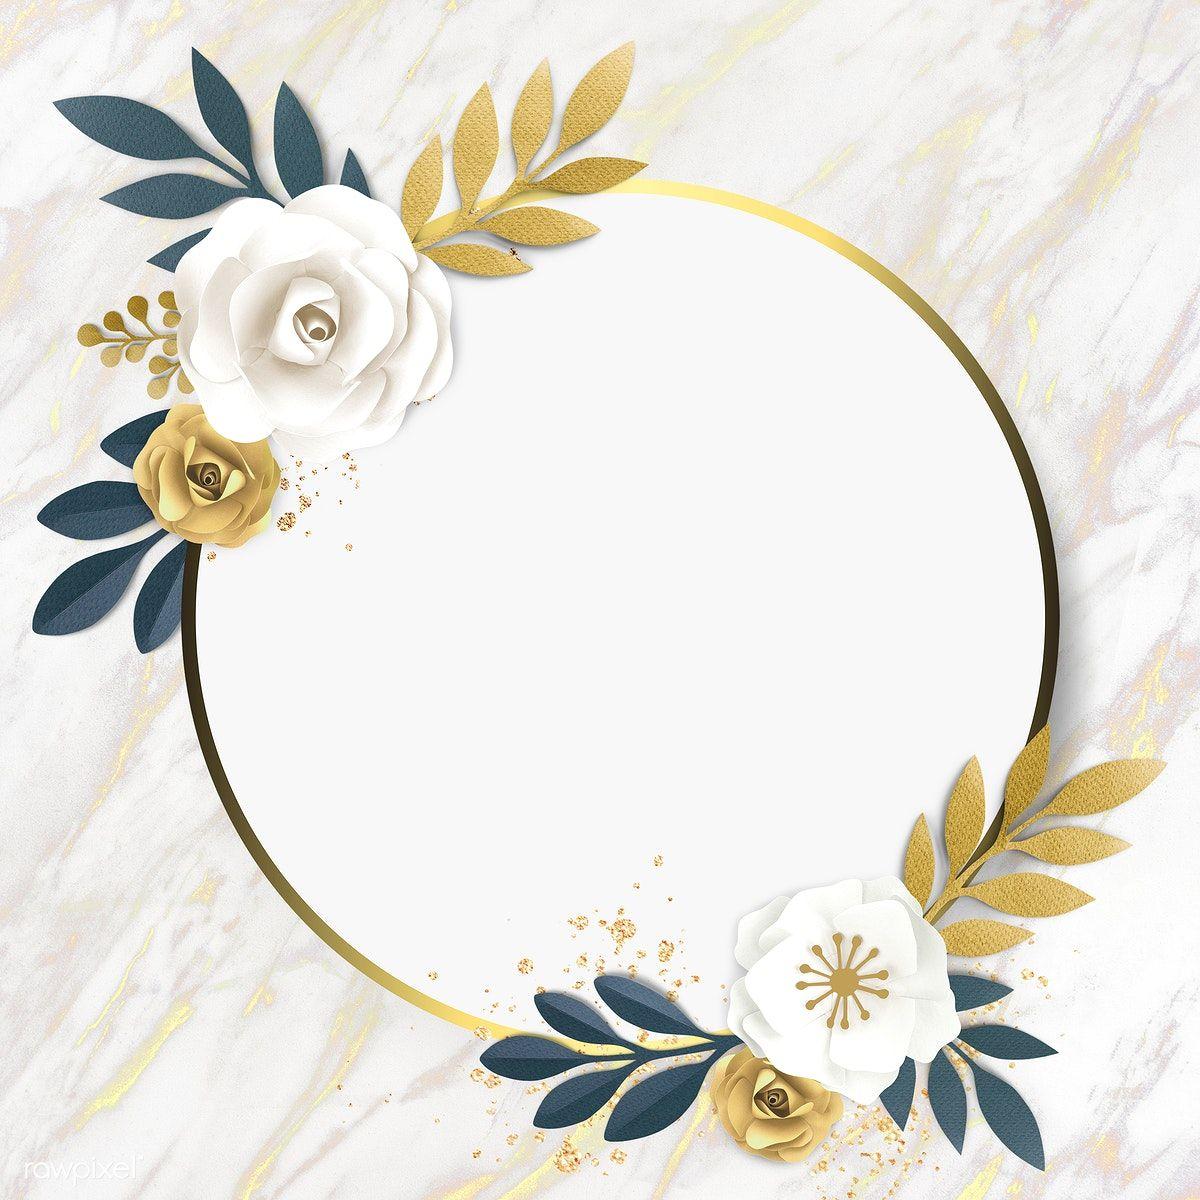 Download Premium Psd Of Round Paper Craft Flower Frame Template Flower Frame Frame Template Floral Border Design